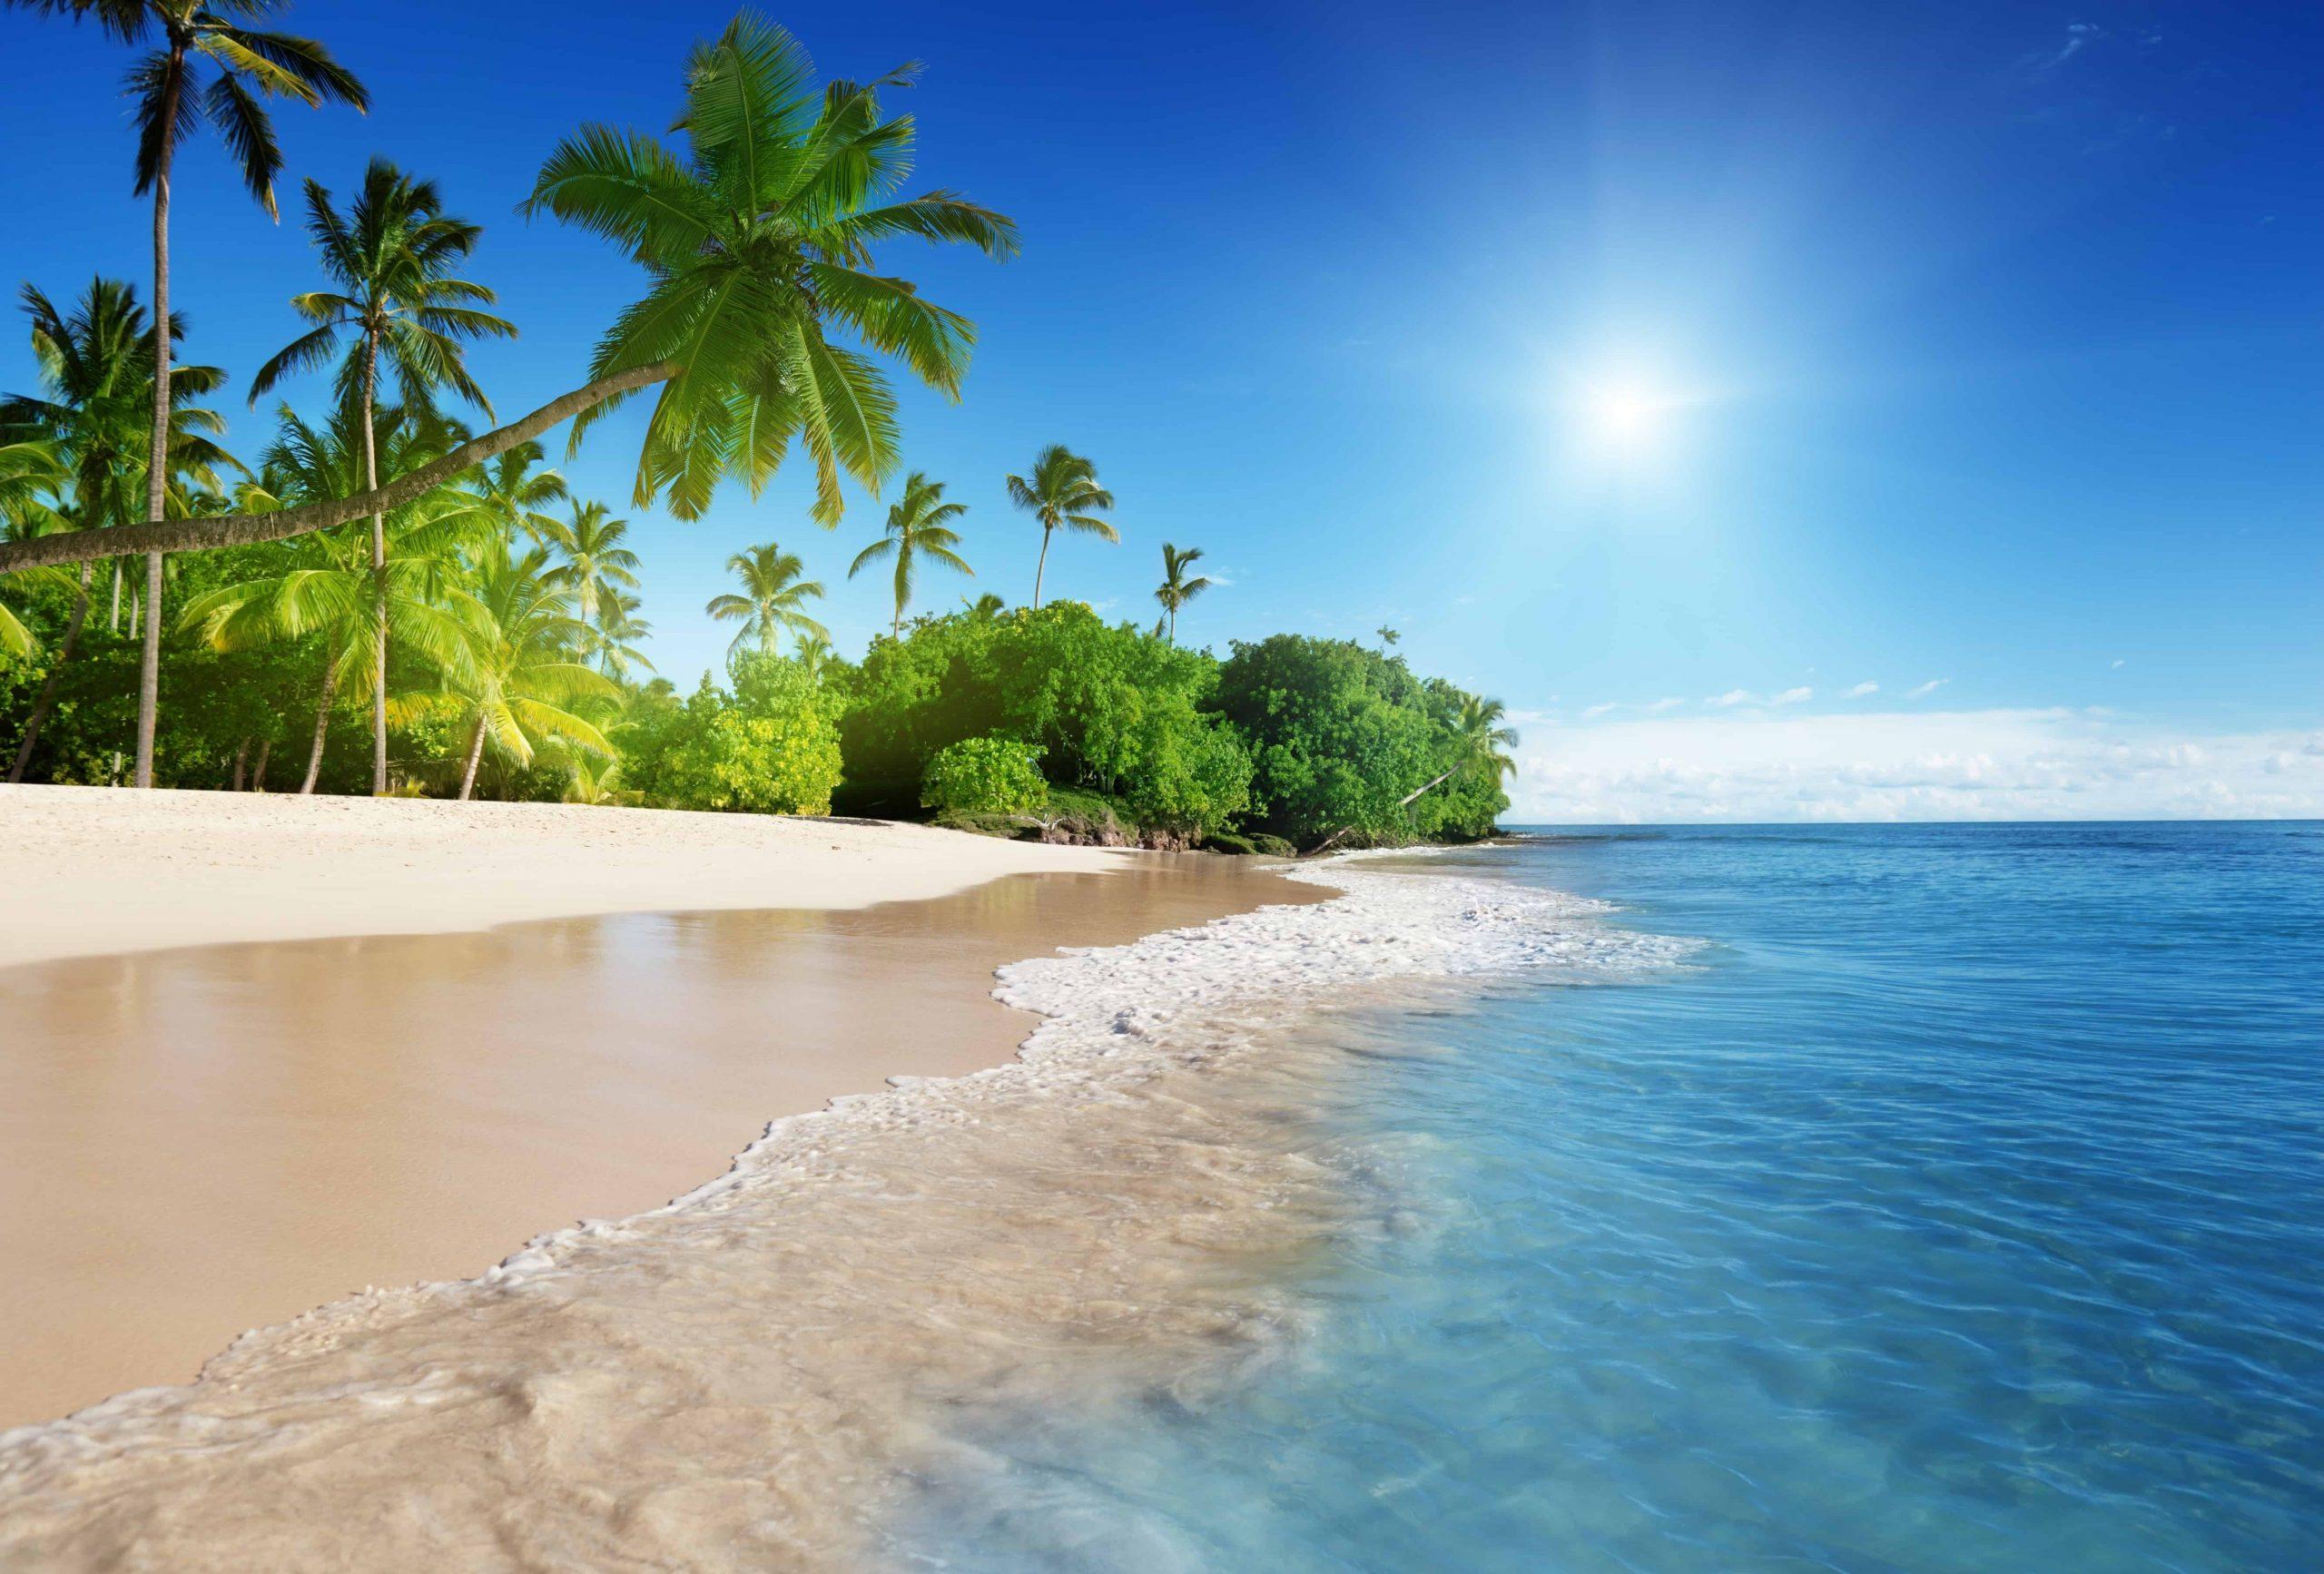 Rundreise Karibik: Empfehlungen & Vergleich (05/20)